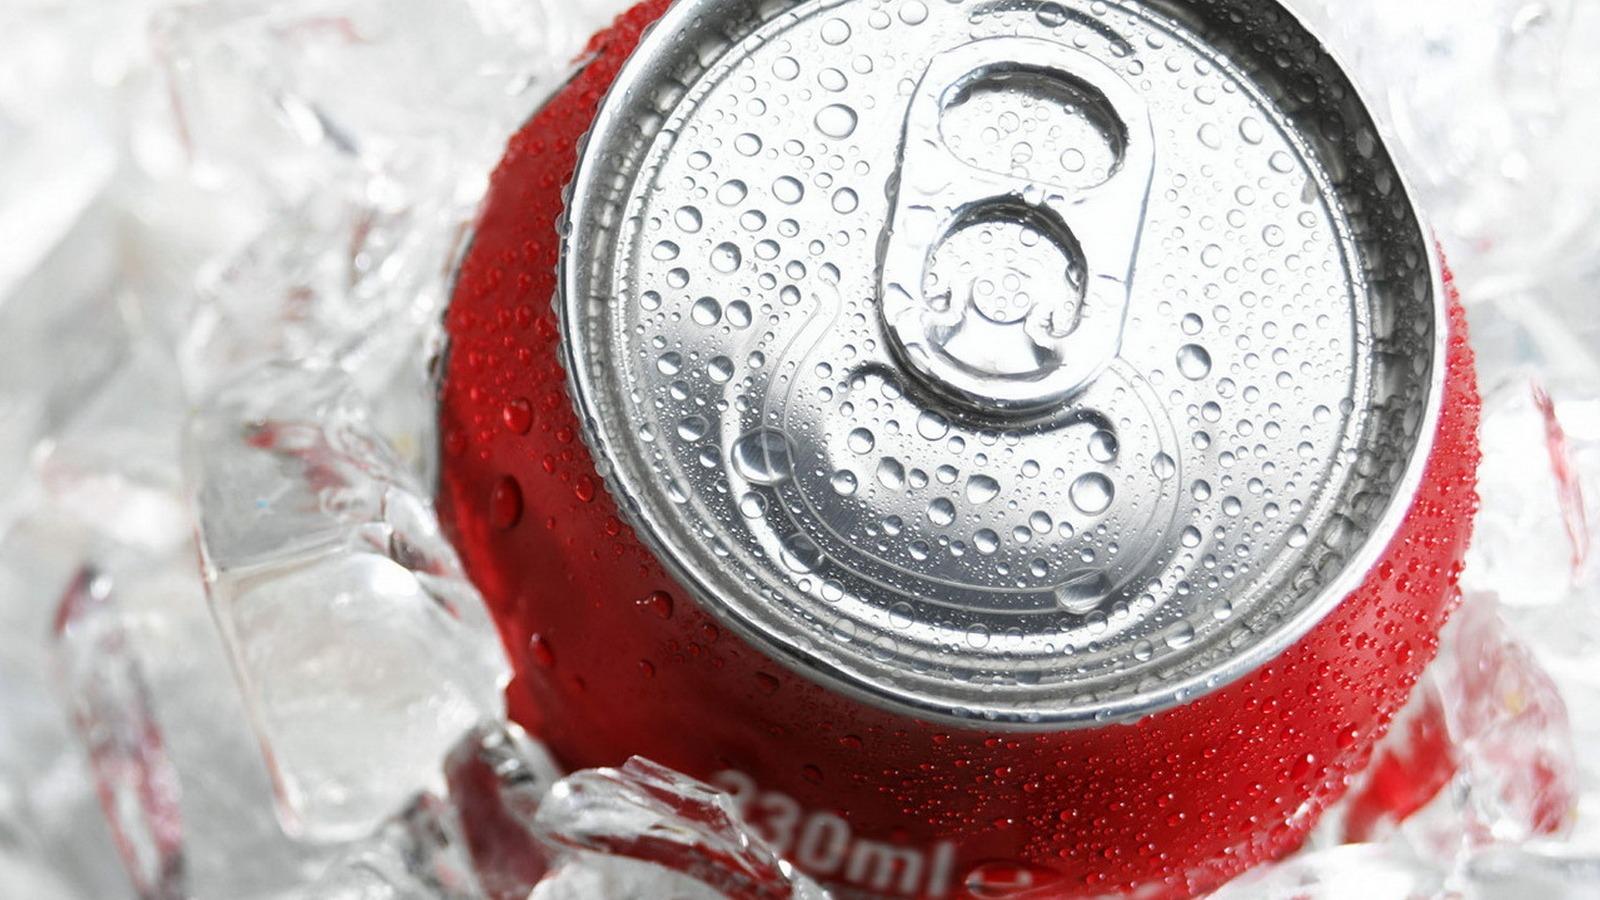 كيف تُبرّد أي مشروب في أقل من دقيقتين 2-%D8%AA%D9%8F%D8%A8%D8%B1%D9%91%D8%AF-%D8%A3%D9%8A-%D9%85%D8%B4%D8%B1%D9%88%D8%A8